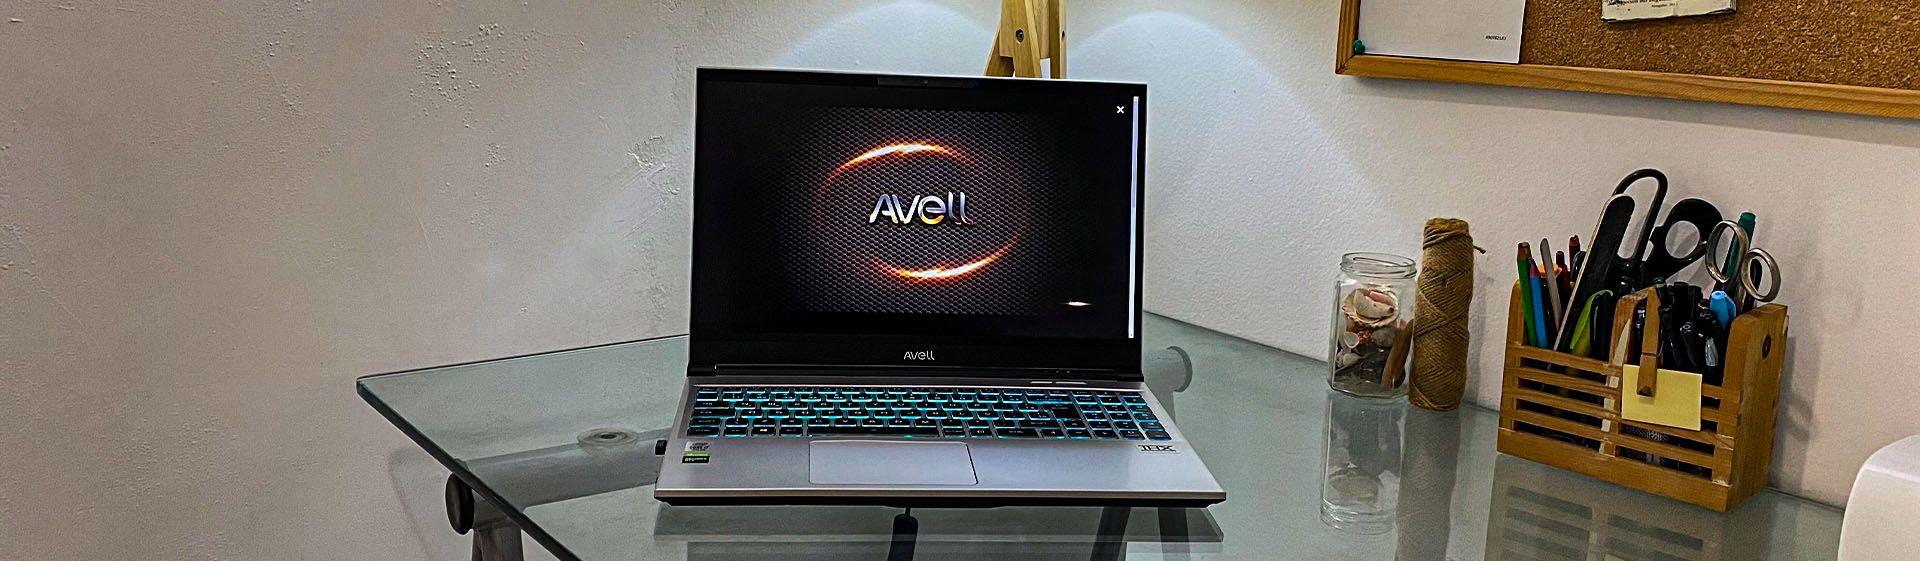 Notebook Avell é bom? Conheça prós e contras da marca brasileira